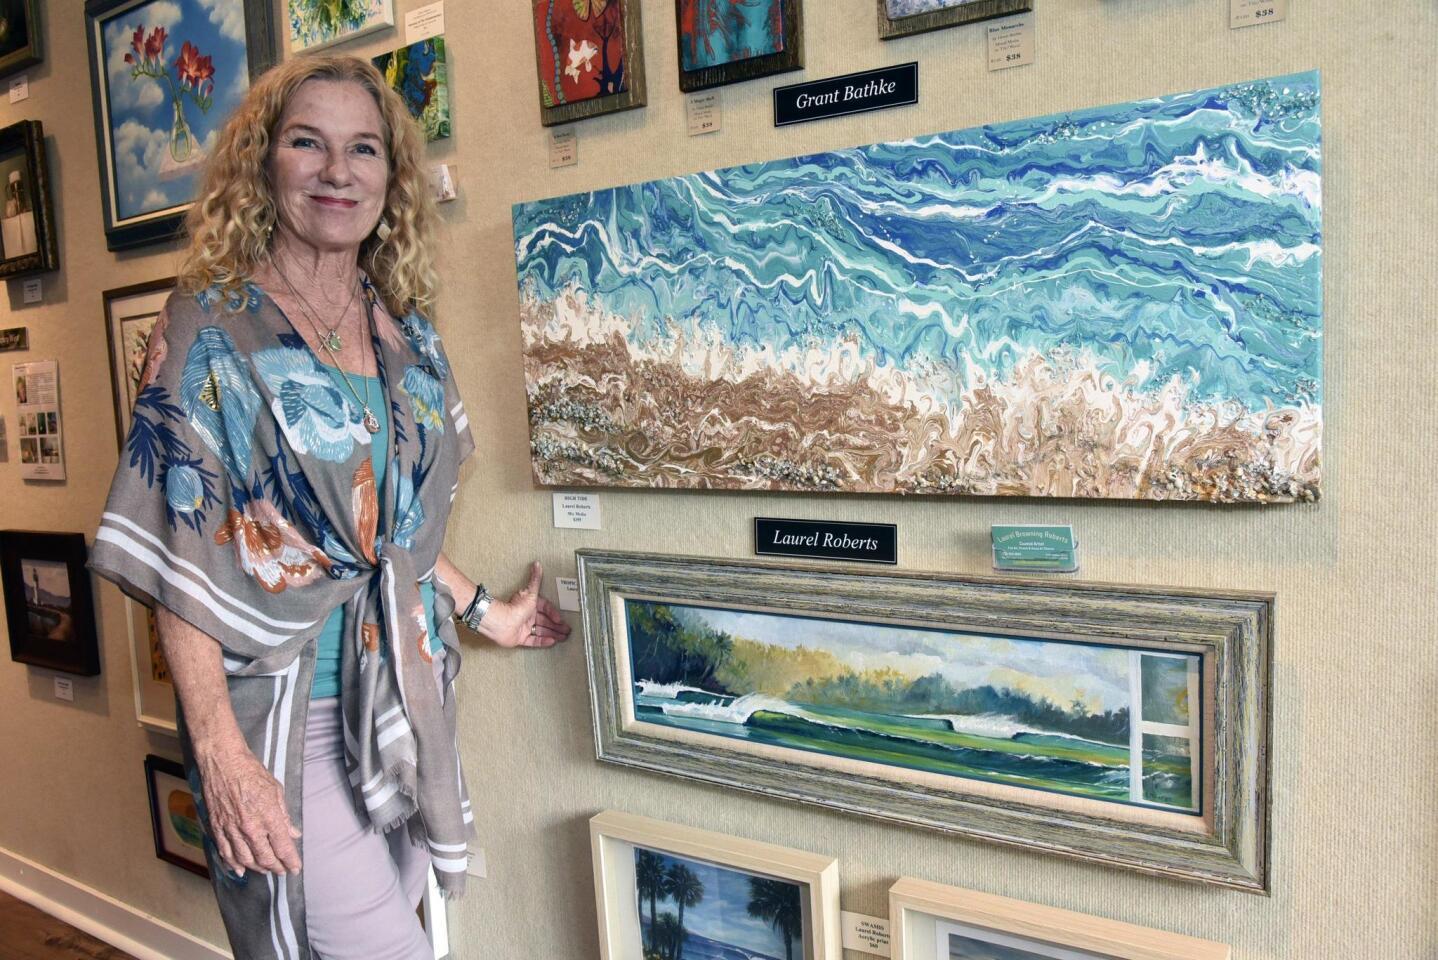 Artist Laurel Roberts